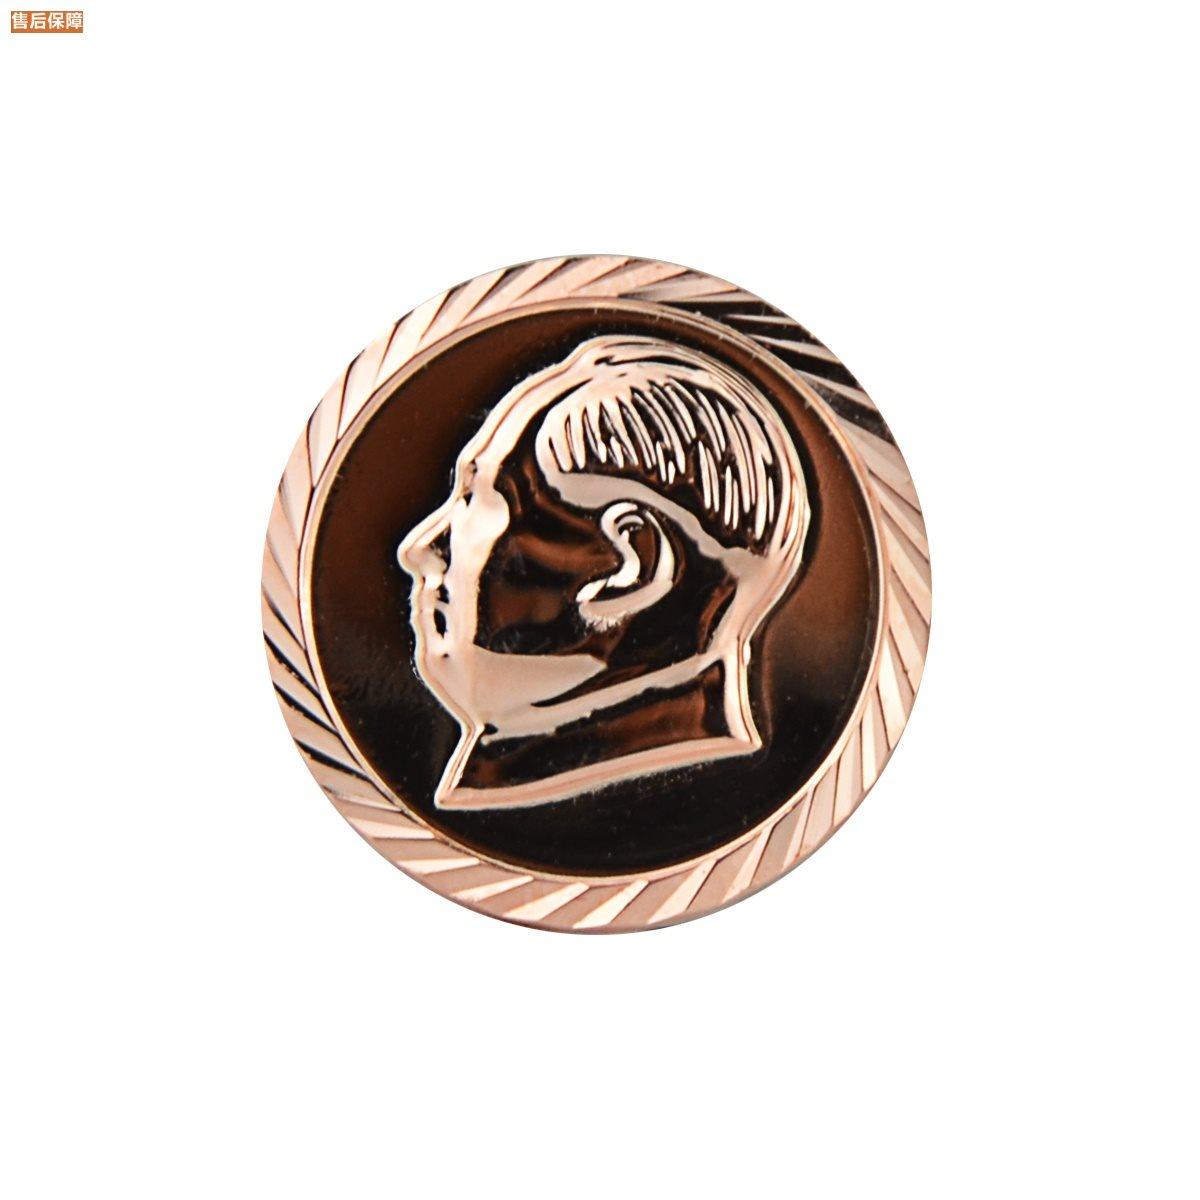 毛主像纯银990足银彩银胸针饰品伟人毛泽东纪念像章配饰西服徽。